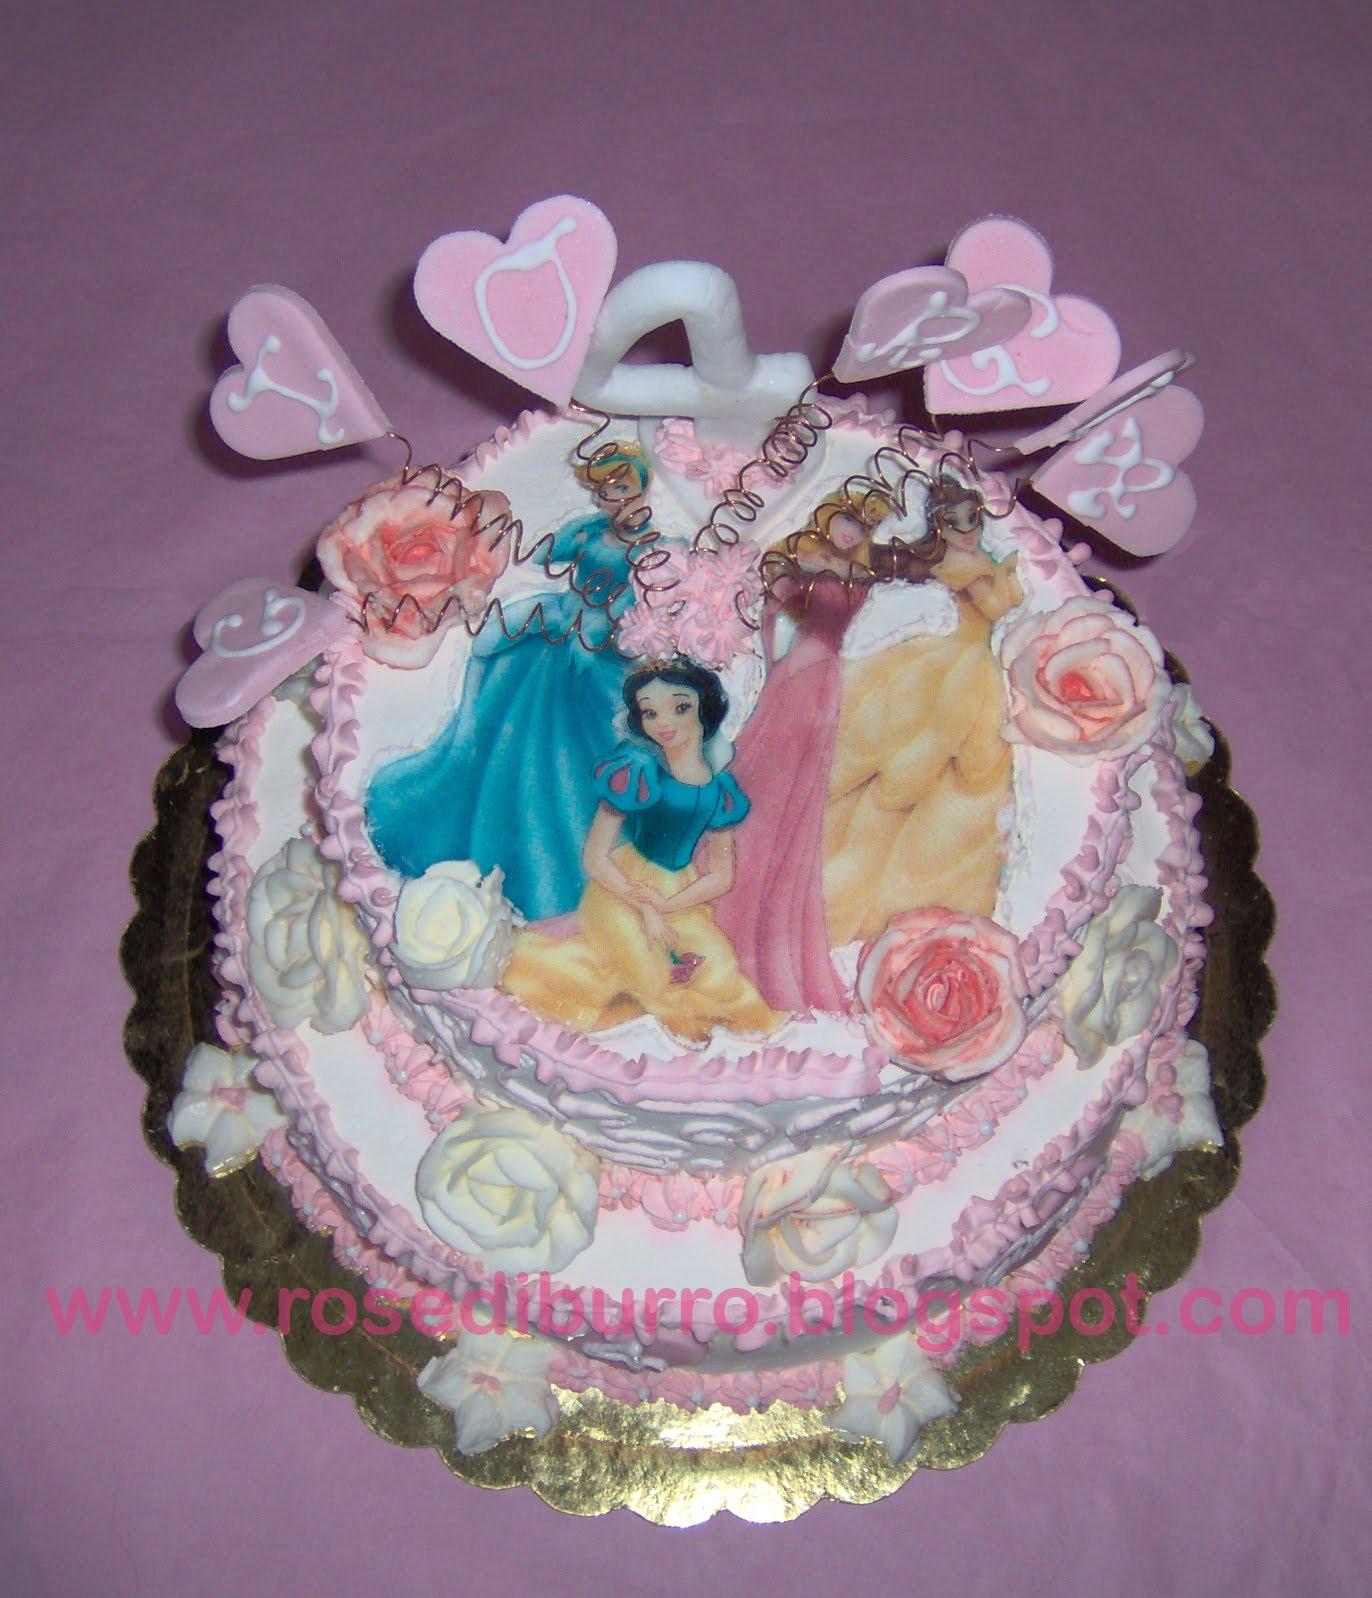 torte di principesse torta principesse : ... una torta di compleanno, ho pensato subito a qualcosa del genere